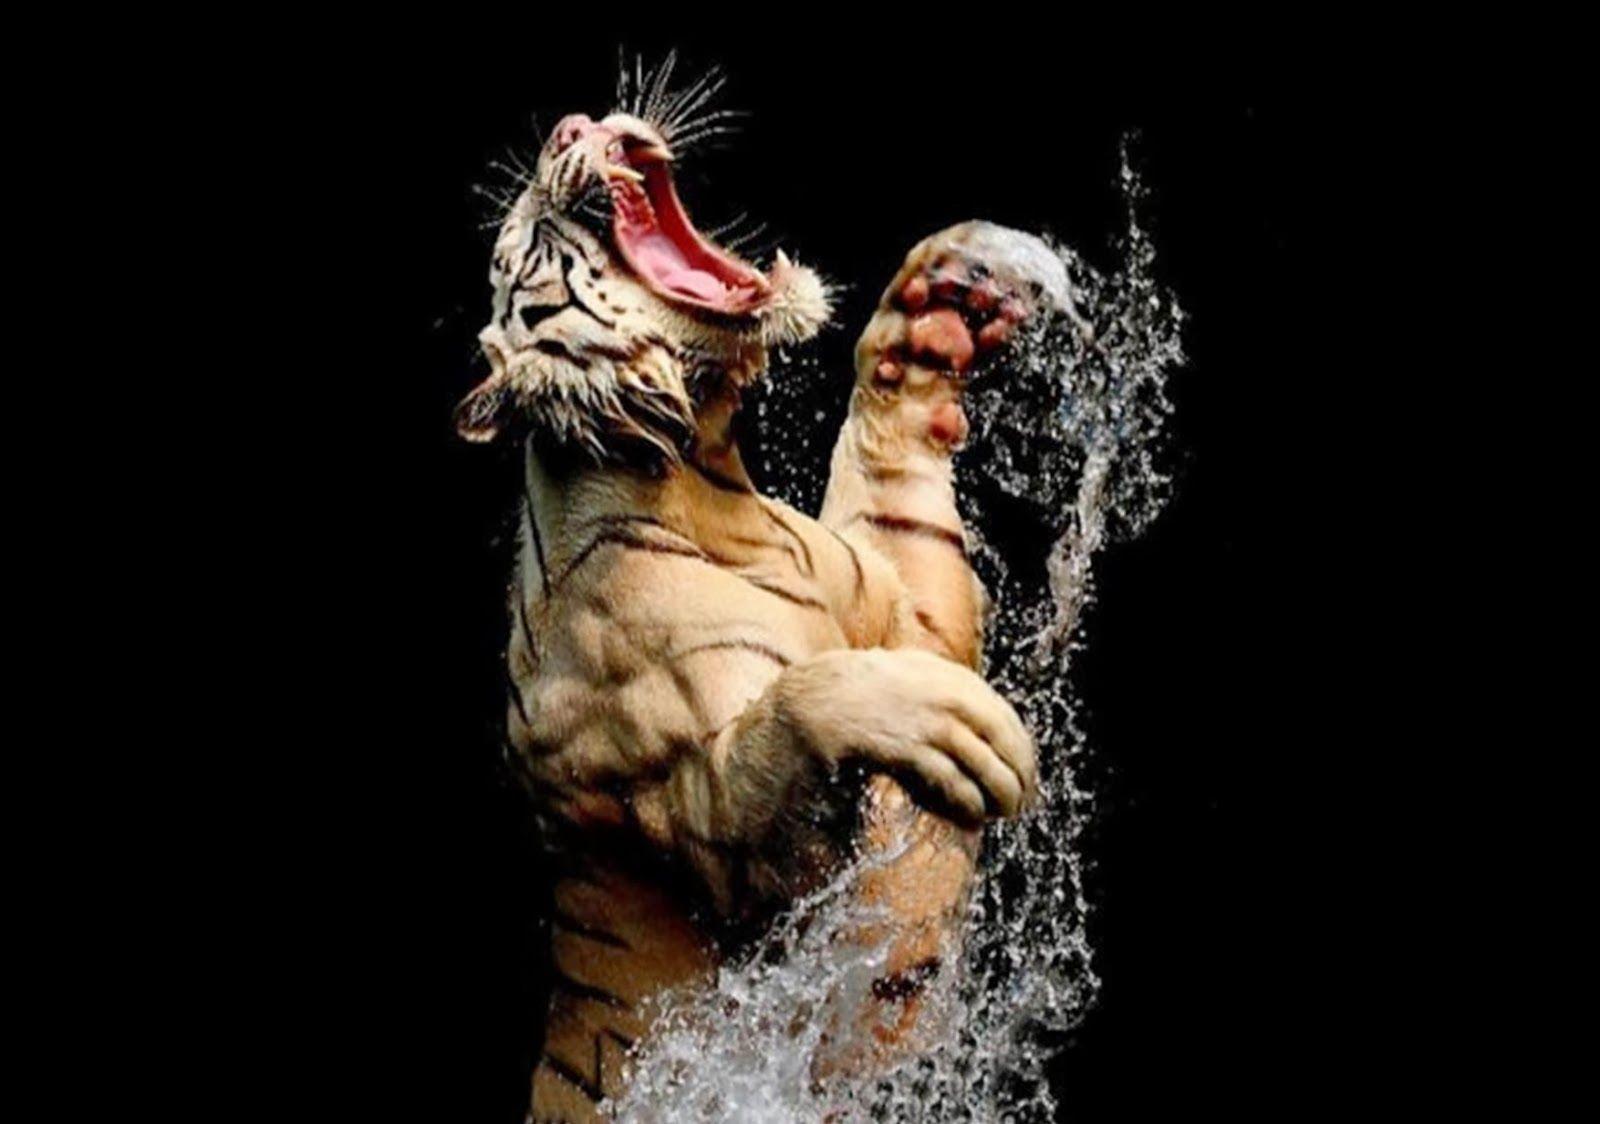 Angry Tiger Wallpaper Hd 11967 Usbdata